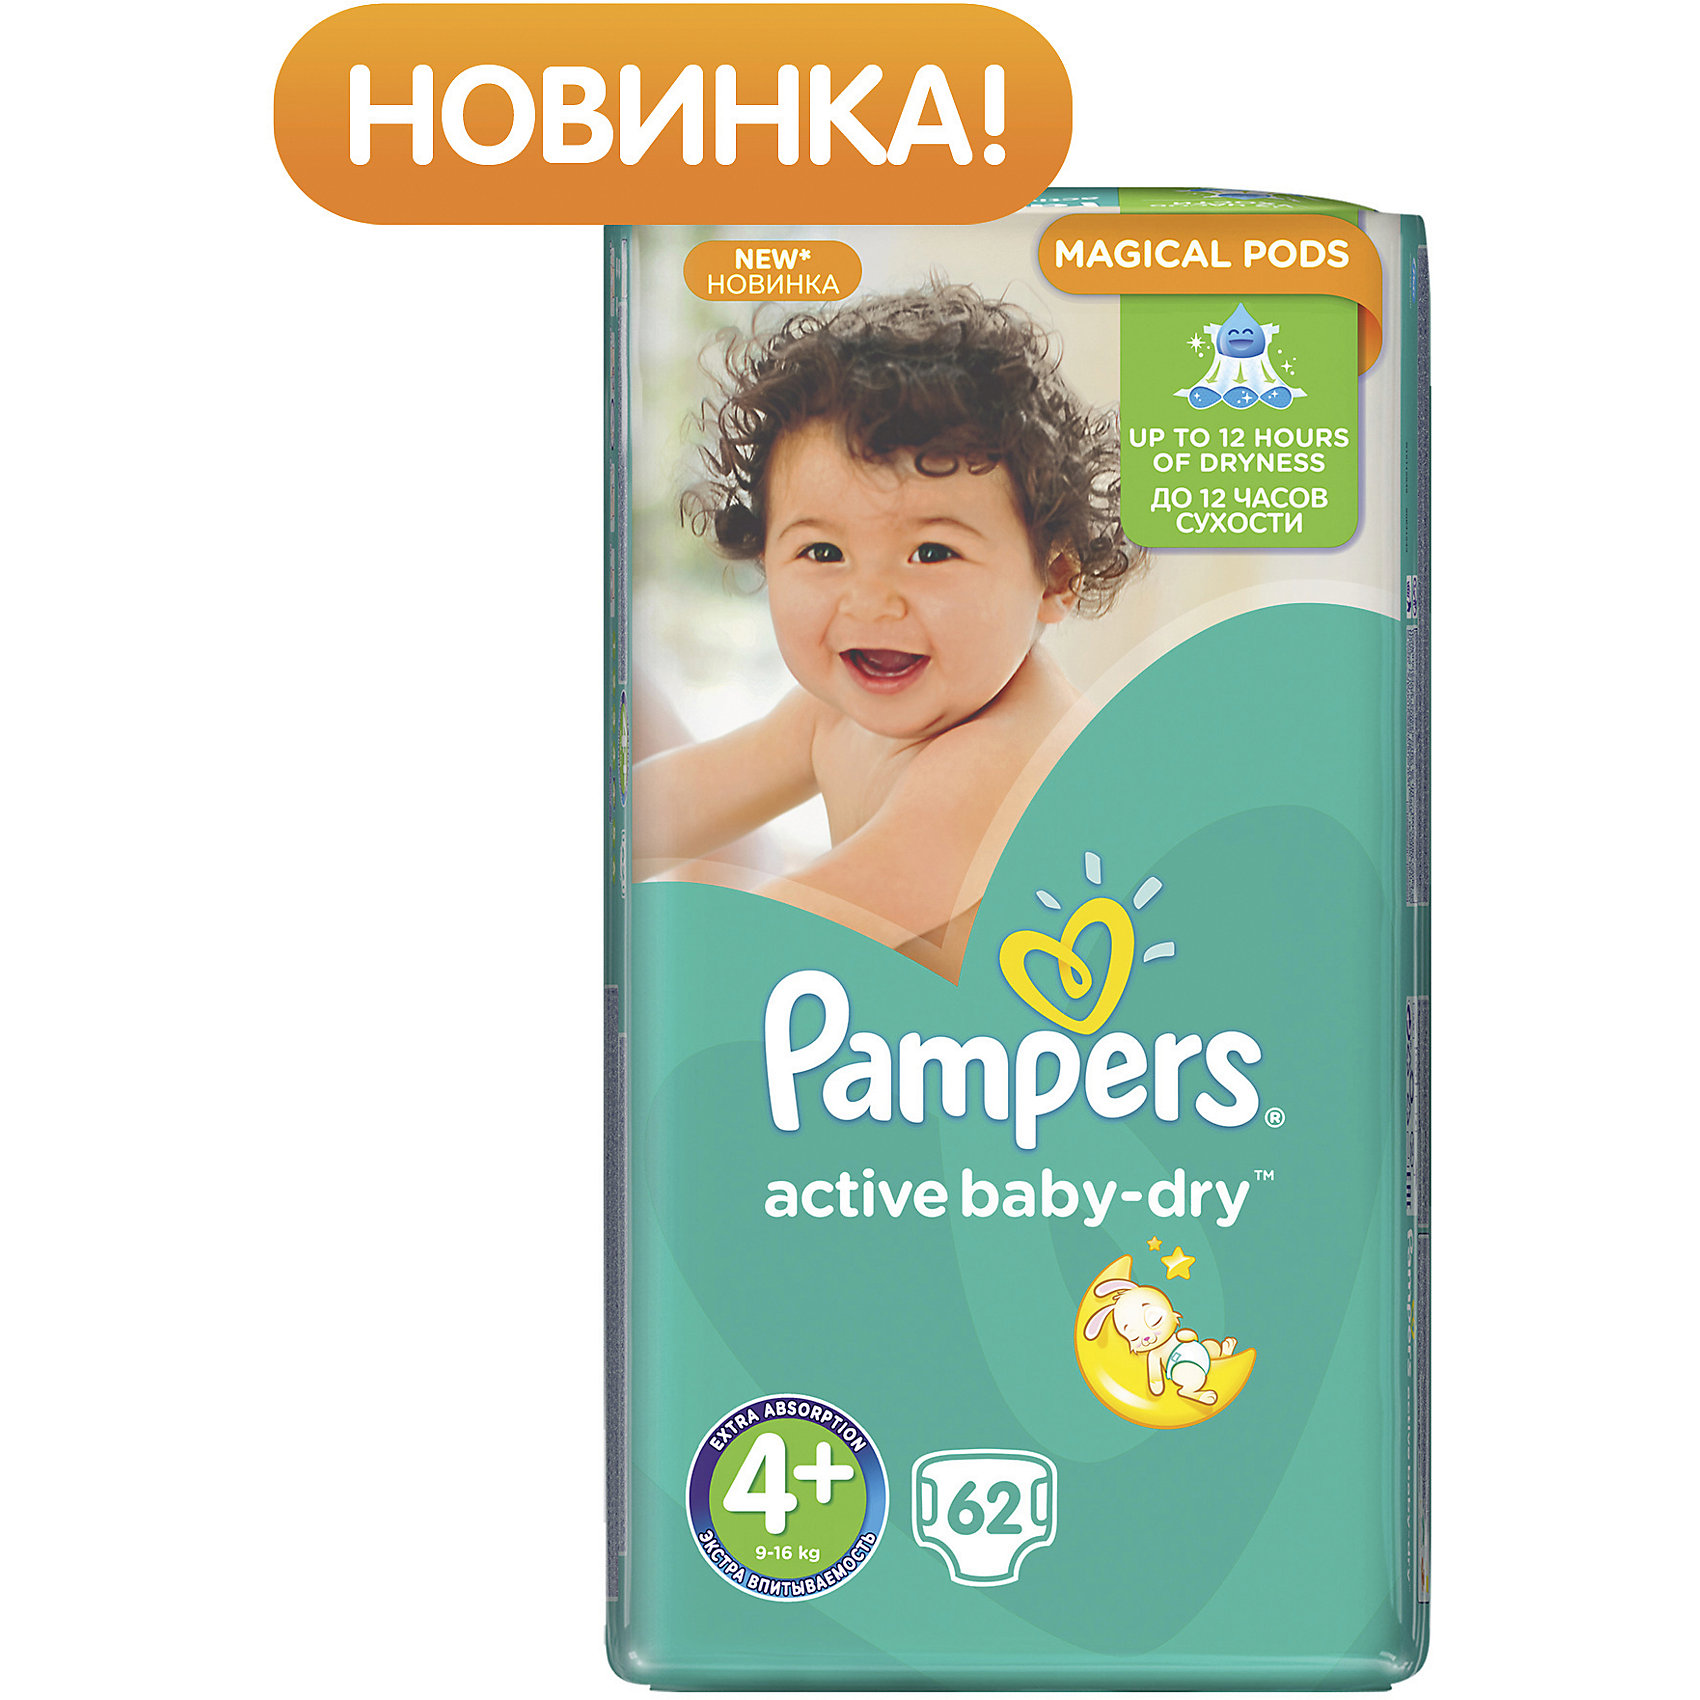 Подгузники Pampers Active Baby-Dry, 9-16 кг, 4+ размер, 62 шт., PampersПодгузники классические<br>Характеристики:<br><br>• Пол: универсальный<br>• Тип подгузника: одноразовый<br>• Коллекция: Active Baby-Dry<br>• Предназначение: для использования в любое время суток <br>• Размер: 4+<br>• Вес ребенка: от 9 до 16 кг<br>• Количество в упаковке: 62 шт.<br>• Упаковка: пакет<br>• Размер упаковки: 26,4*11,8*42,7 см<br>• Вес в упаковке: 2 кг 084 г<br>• Эластичные застежки-липучки<br>• Быстро впитывающий слой<br>• Мягкий верхний слой<br>• Сохранение сухости в течение 12-ти часов<br><br>Подгузники Pampers Active Baby-Dry, 9-16 кг, 4+ размер, 62 шт., Pampers – это линейка классических детских подгузников от Pampers, которая сочетает в себе качество и безопасность материалов, удобство использования и комфорт для нежной кожи малыша. Подгузники предназначены для детей весом до 16 кг. Инновационные технологии и современные материалы обеспечивают этим подгузникам Дышащие свойства, что особенно важно для кожи малыша. <br><br>Впитывающие свойства изделию обеспечивает уникальный слой, состоящий из жемчужных микрогранул. У подгузников предусмотрена эластичная мягкая резиночка на спинке. Широкие липучки с двух сторон обеспечивают надежную фиксацию. Подгузник имеет мягкий верхний слой, который обеспечивает не только комфорт, но и защищает кожу ребенка от раздражений. Подгузник подходит как для мальчиков, так и для девочек. <br><br>Подгузники Pampers Active Baby-Dry, 9-16 кг, 4+ размер, 62 шт., Pampers можно купить в нашем интернет-магазине.<br><br>Ширина мм: 264<br>Глубина мм: 118<br>Высота мм: 427<br>Вес г: 2084<br>Возраст от месяцев: 6<br>Возраст до месяцев: 24<br>Пол: Унисекс<br>Возраст: Детский<br>SKU: 5419080